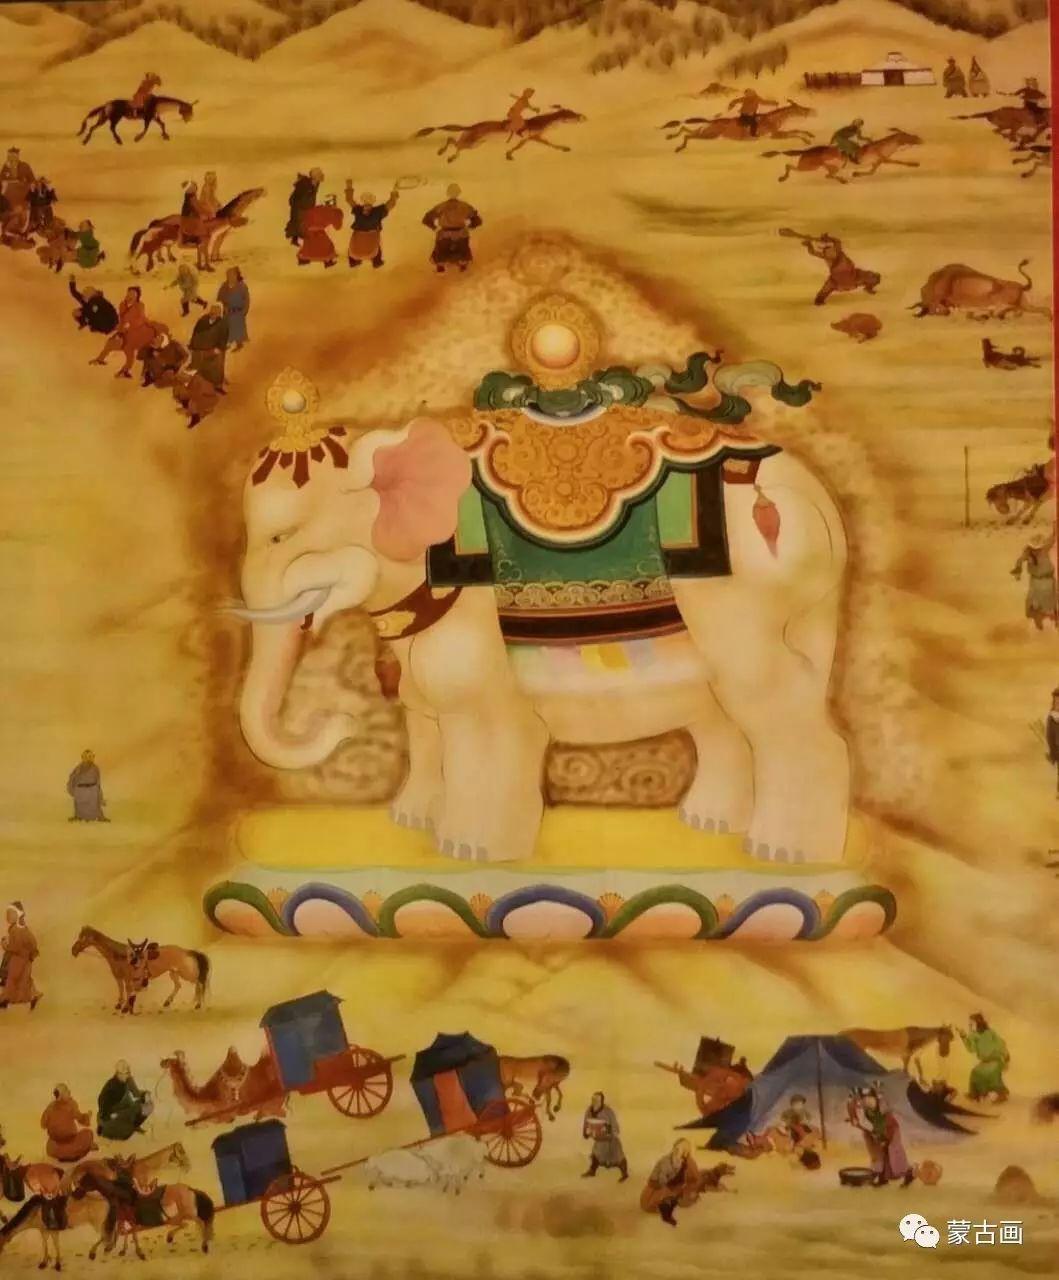 蒙古国画家-拉布嘎苏仁 第6张